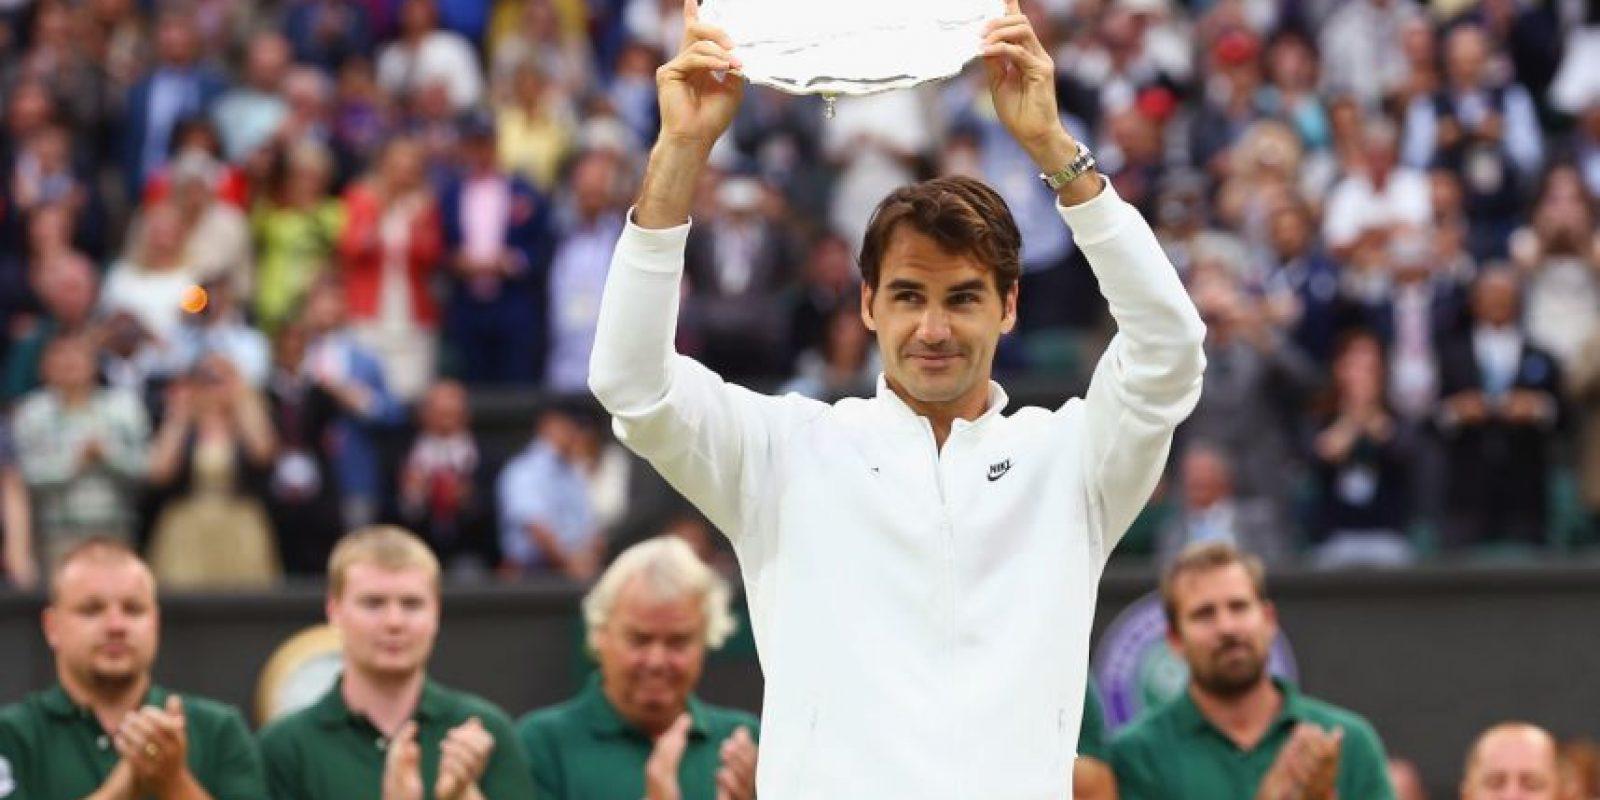 Federer sólo ganó el segundo set y se quedó sin su Grand Slam número 18. Foto:Getty Images